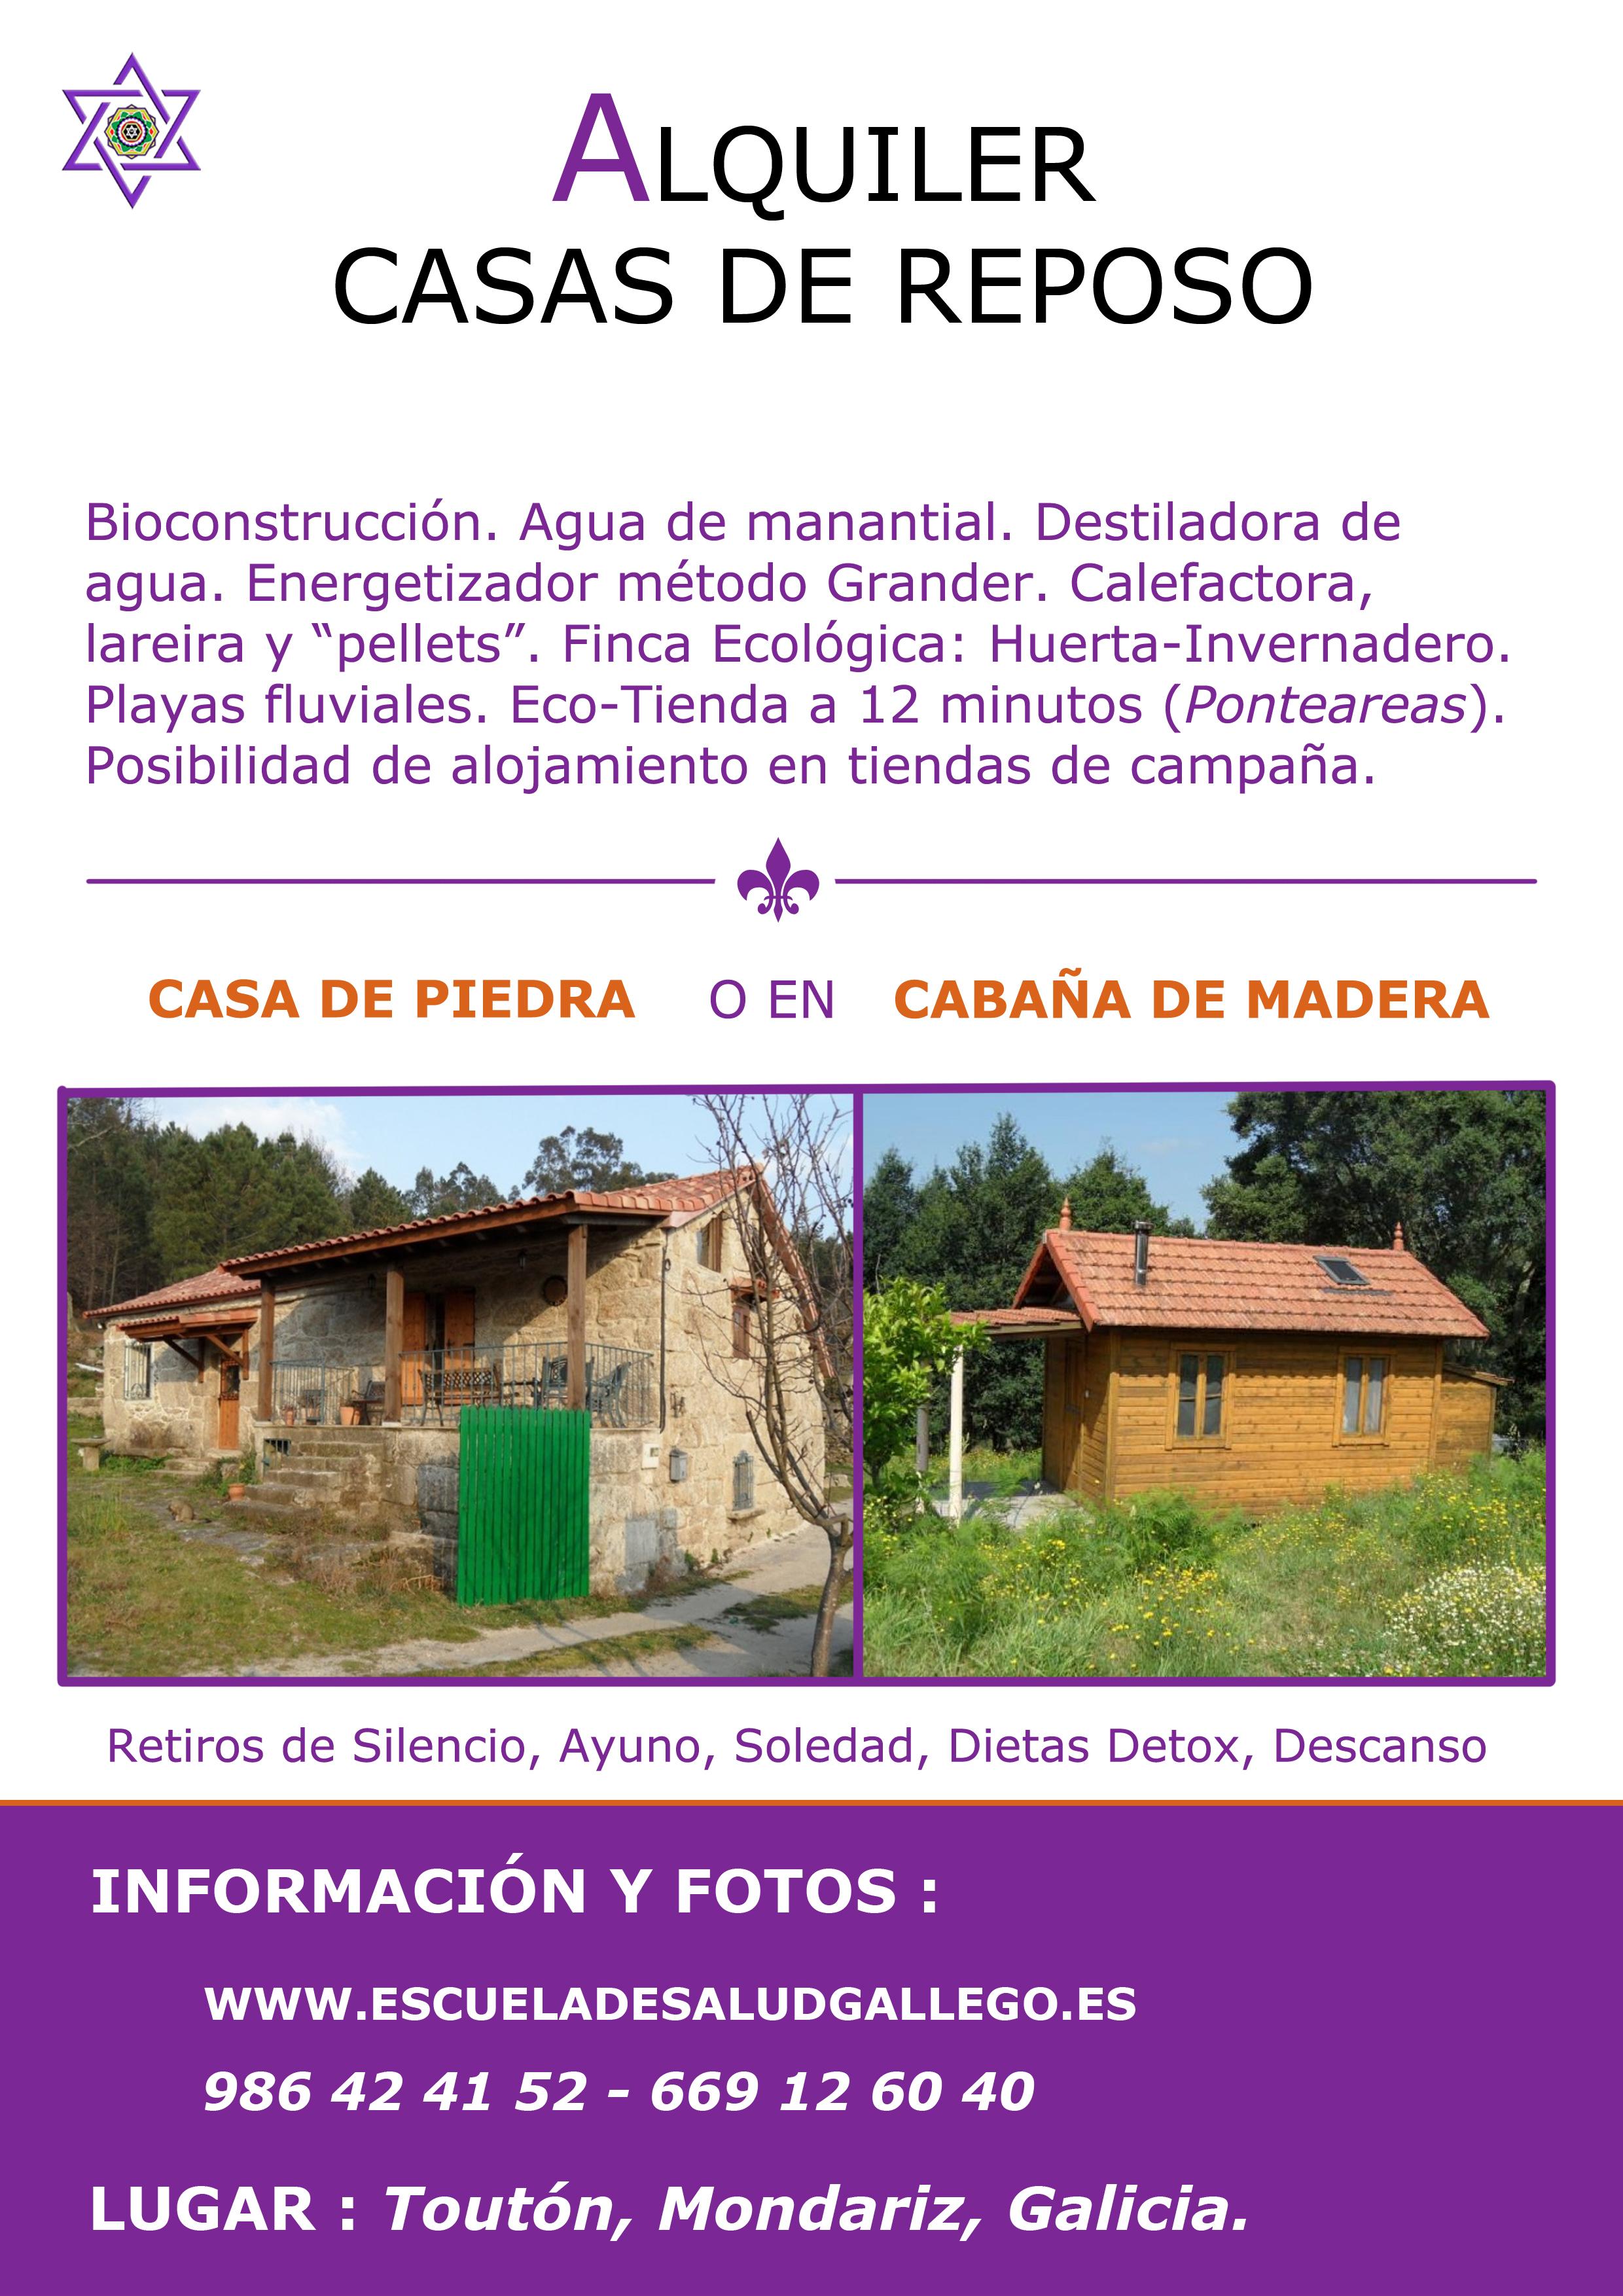 Alquiler casas de reposo escuela de salud gallego for Alquiler casa en umbrete sevilla